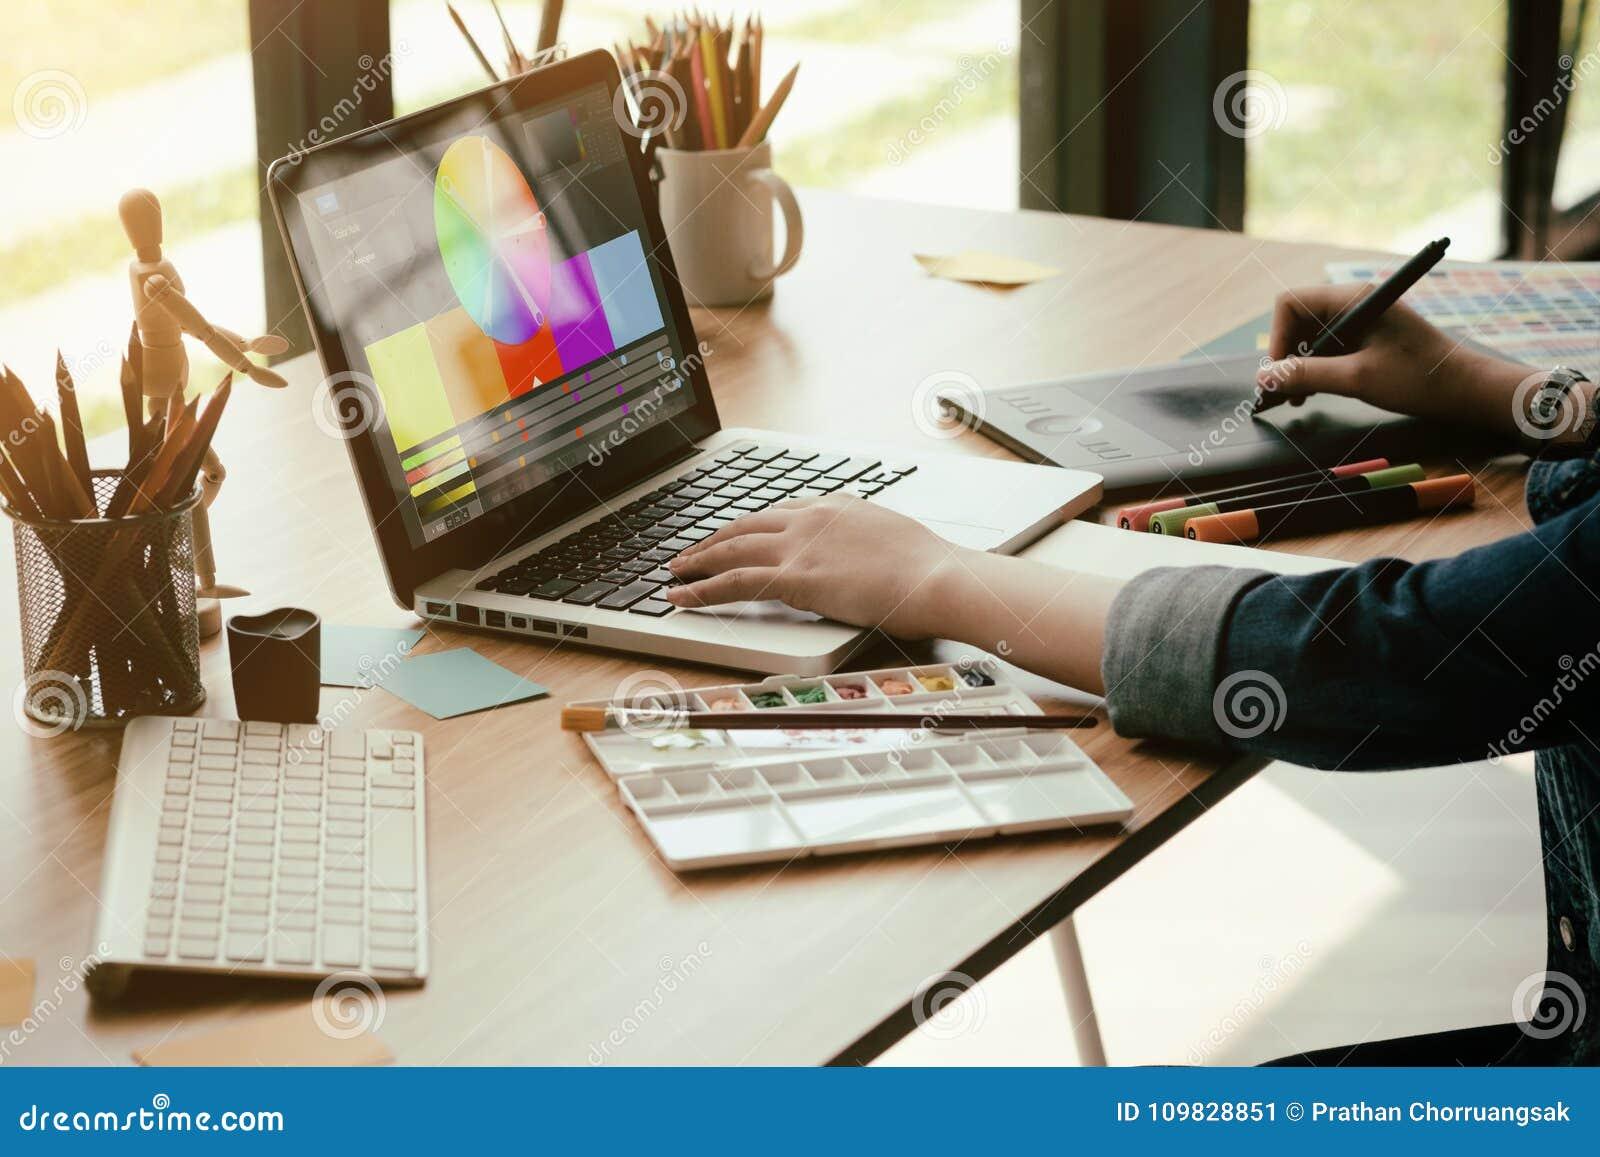 Grafikdesign, das mit dem Computer kreativ, Designerakkordarbeit arbeitet